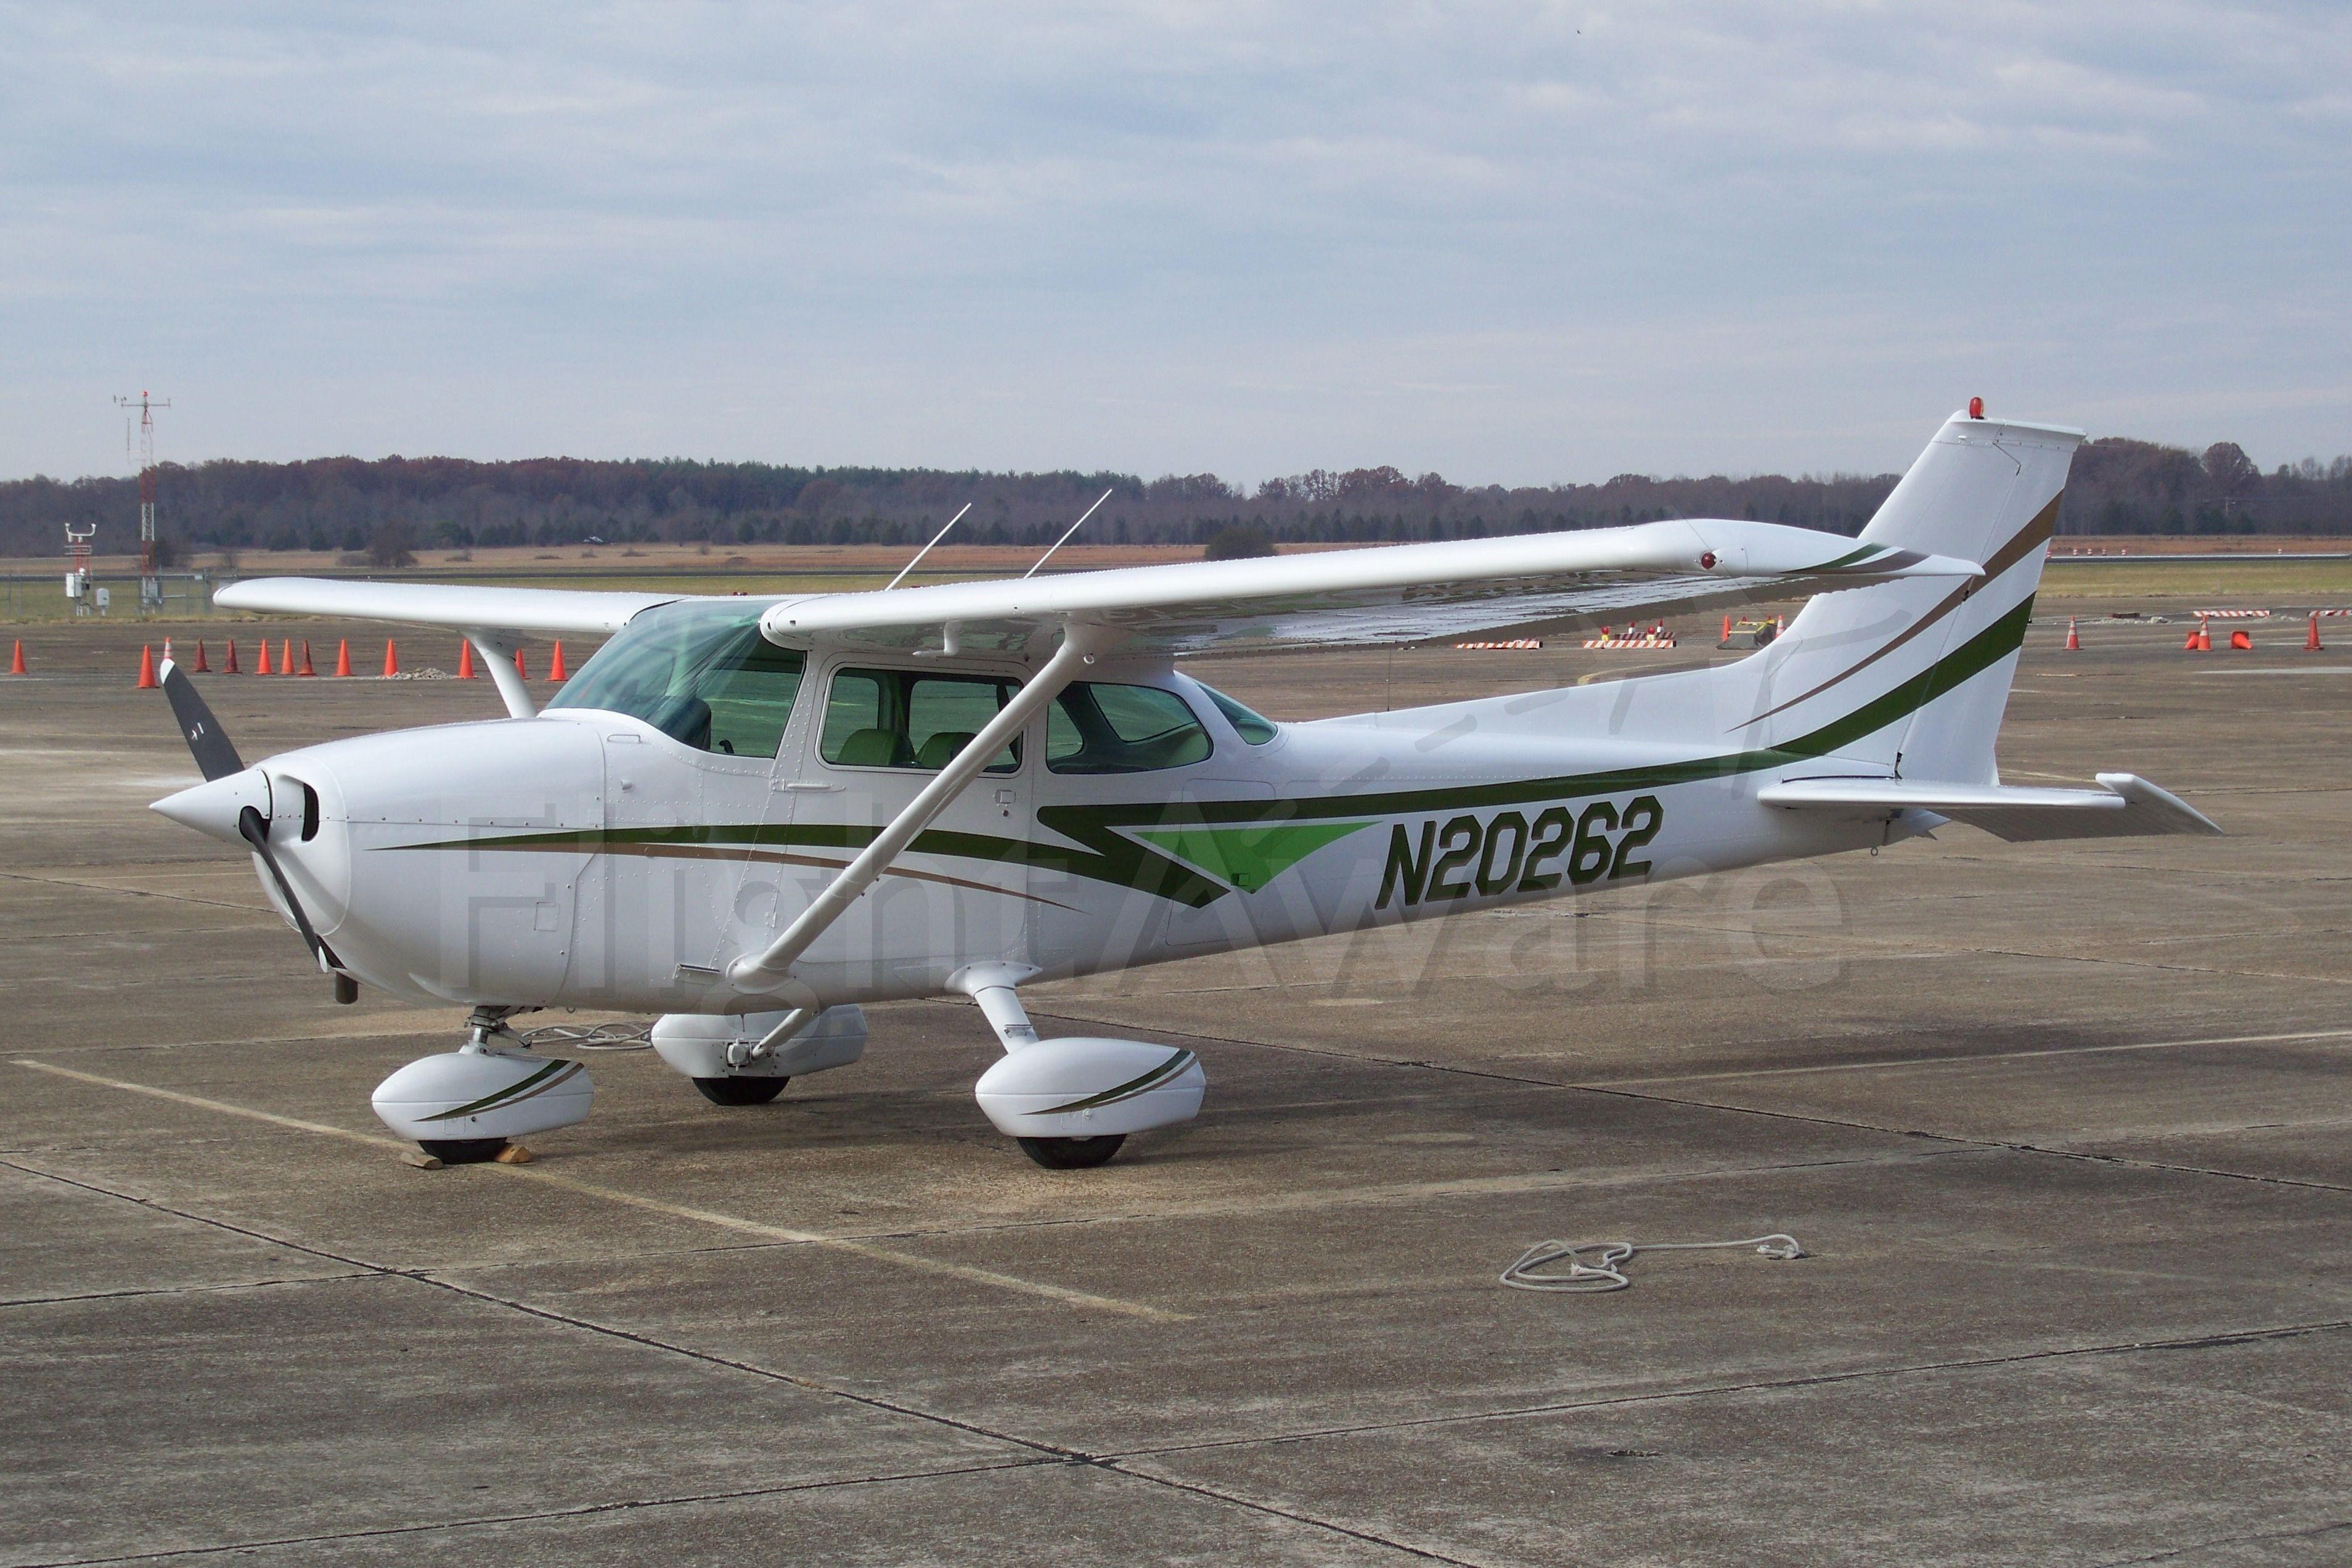 Cessna Skyhawk (N20262) - 28 Nov 2008